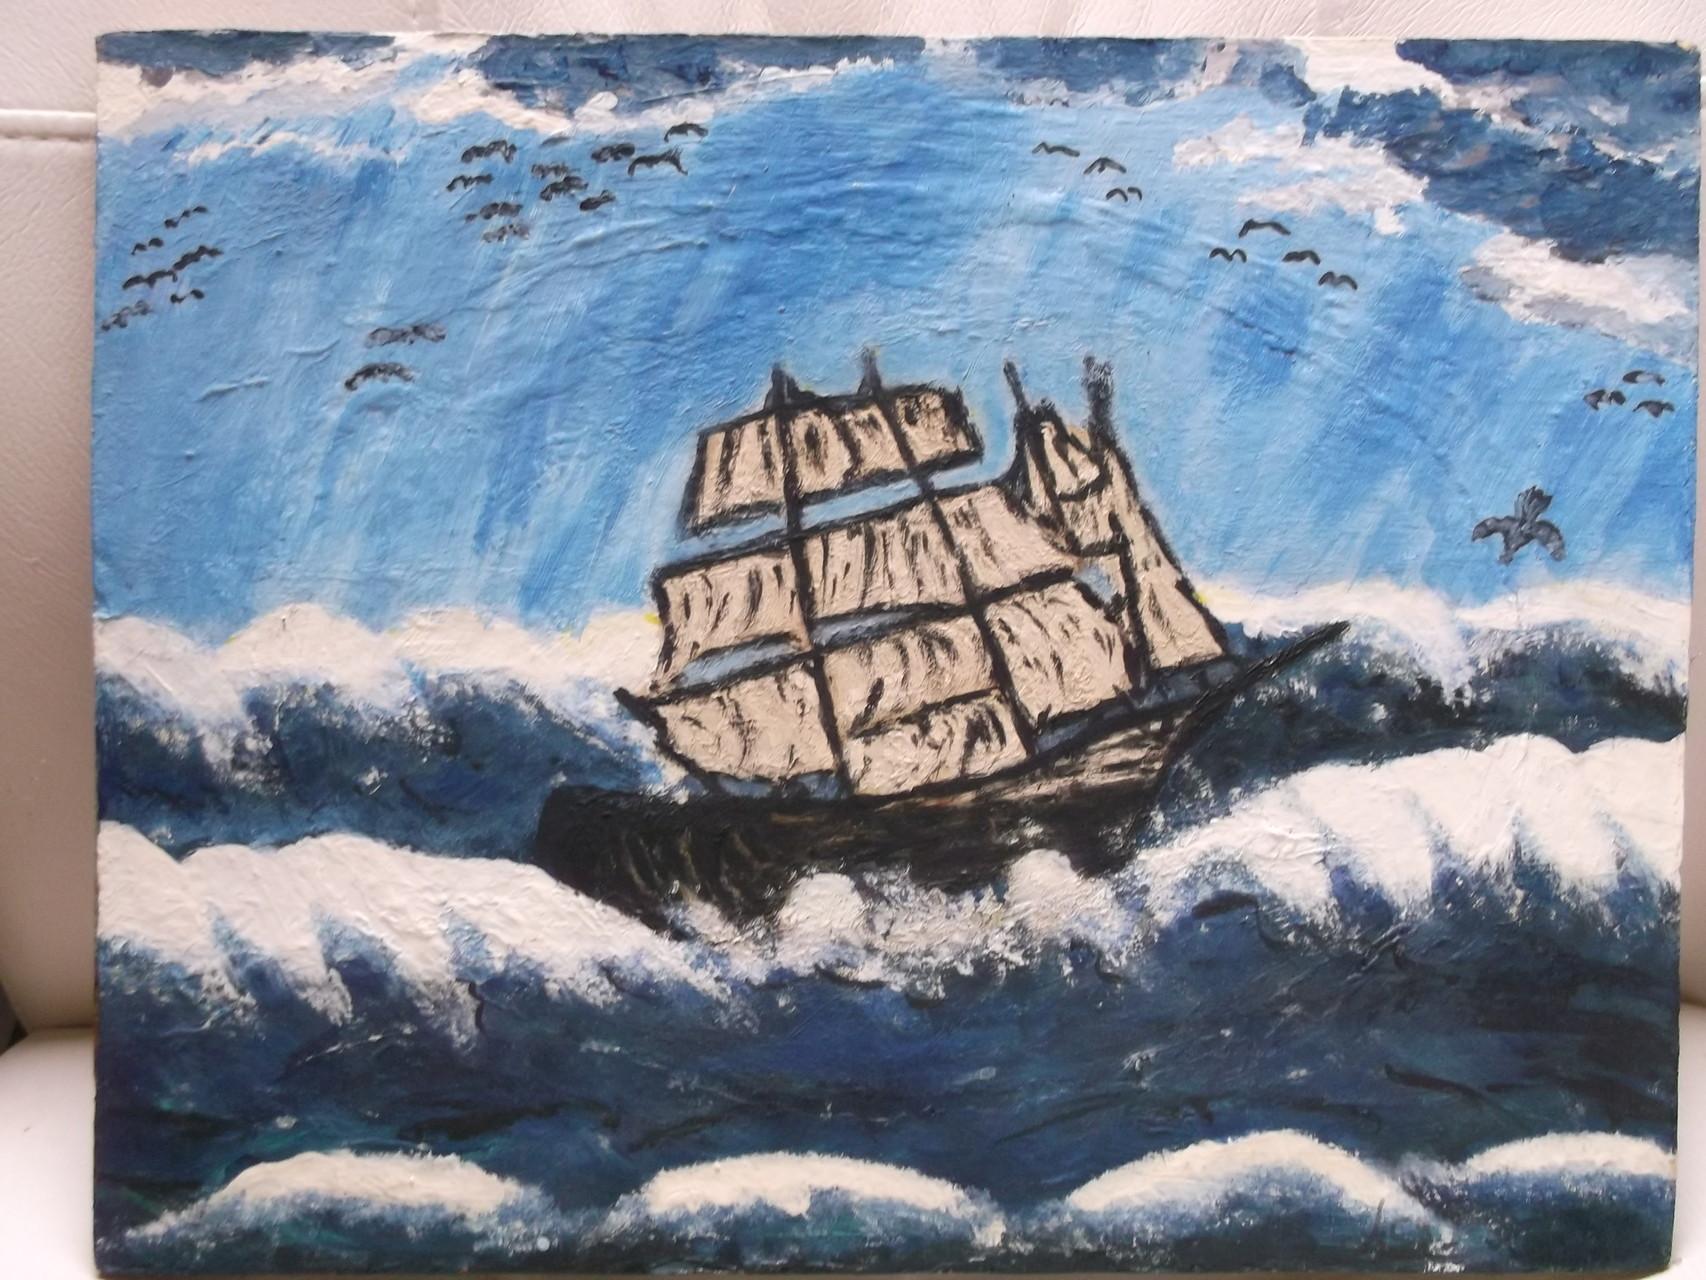 Segelschiff auf hoher See (Leinwand) 35 x 40 cm